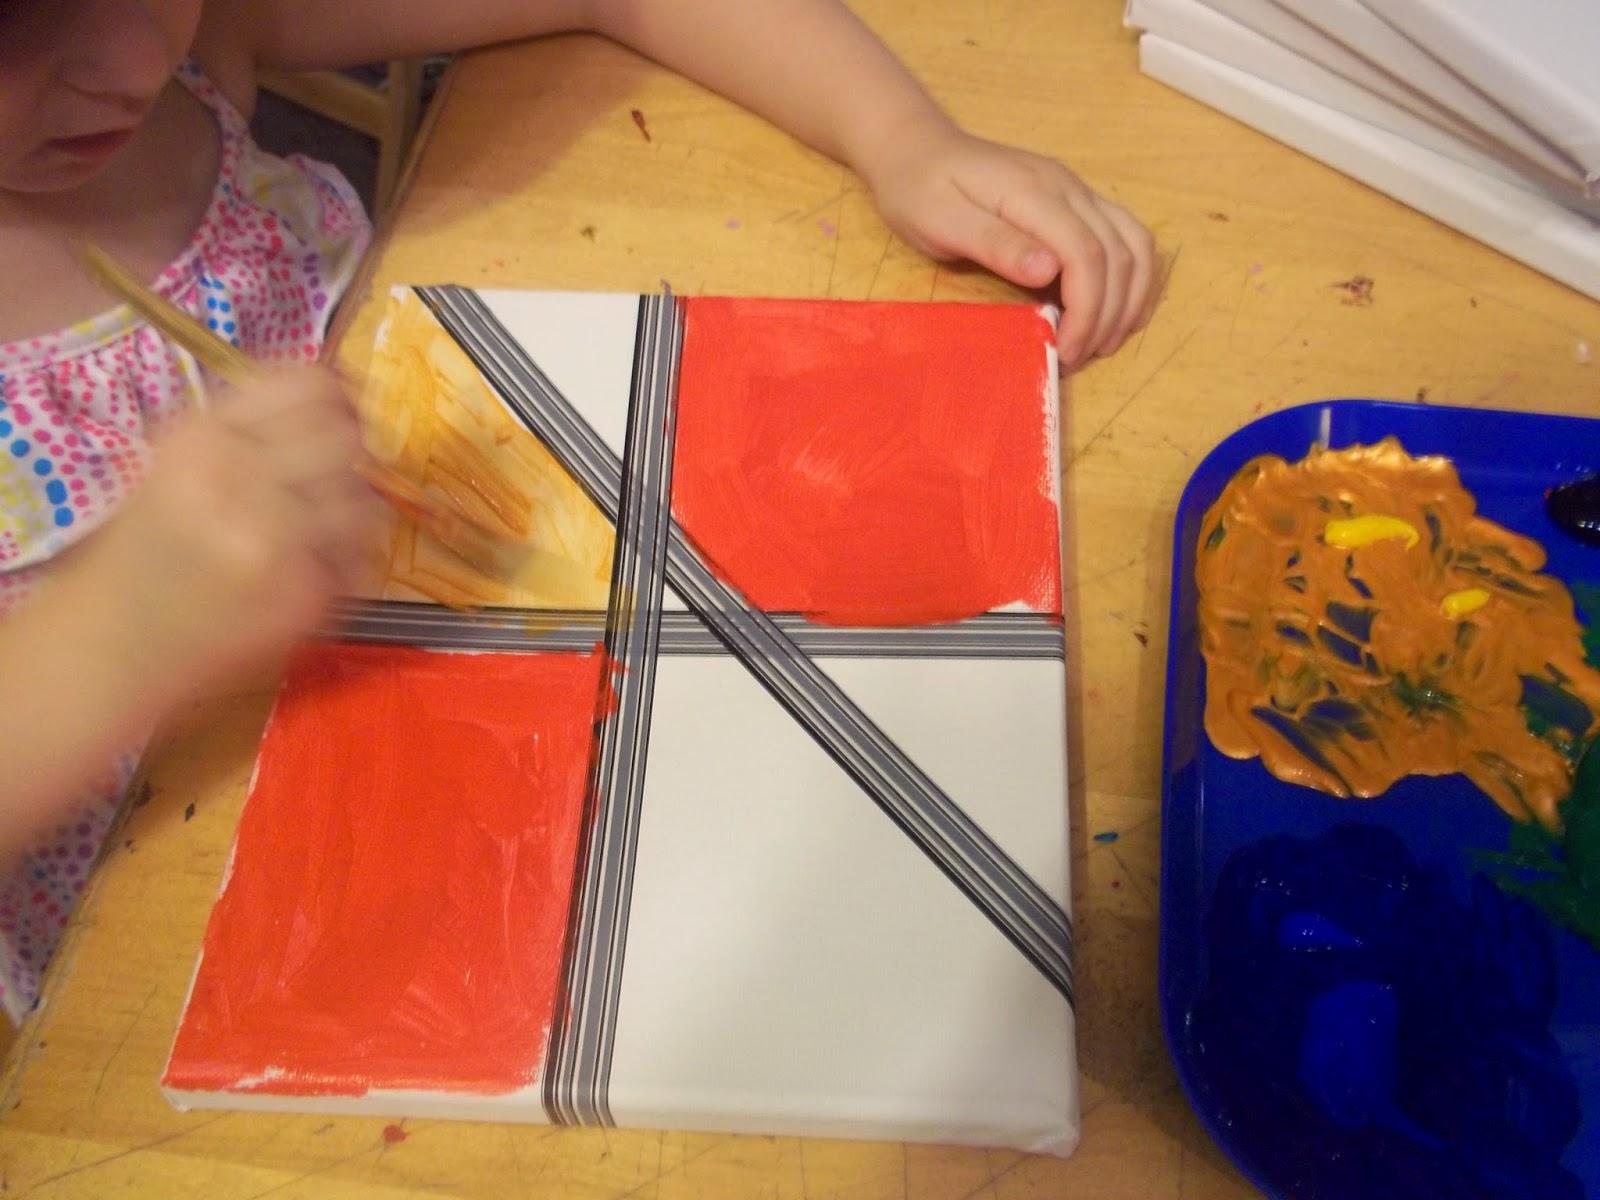 Info garderie peinture sur toile au ruban adh sif for Adhesif geometrique